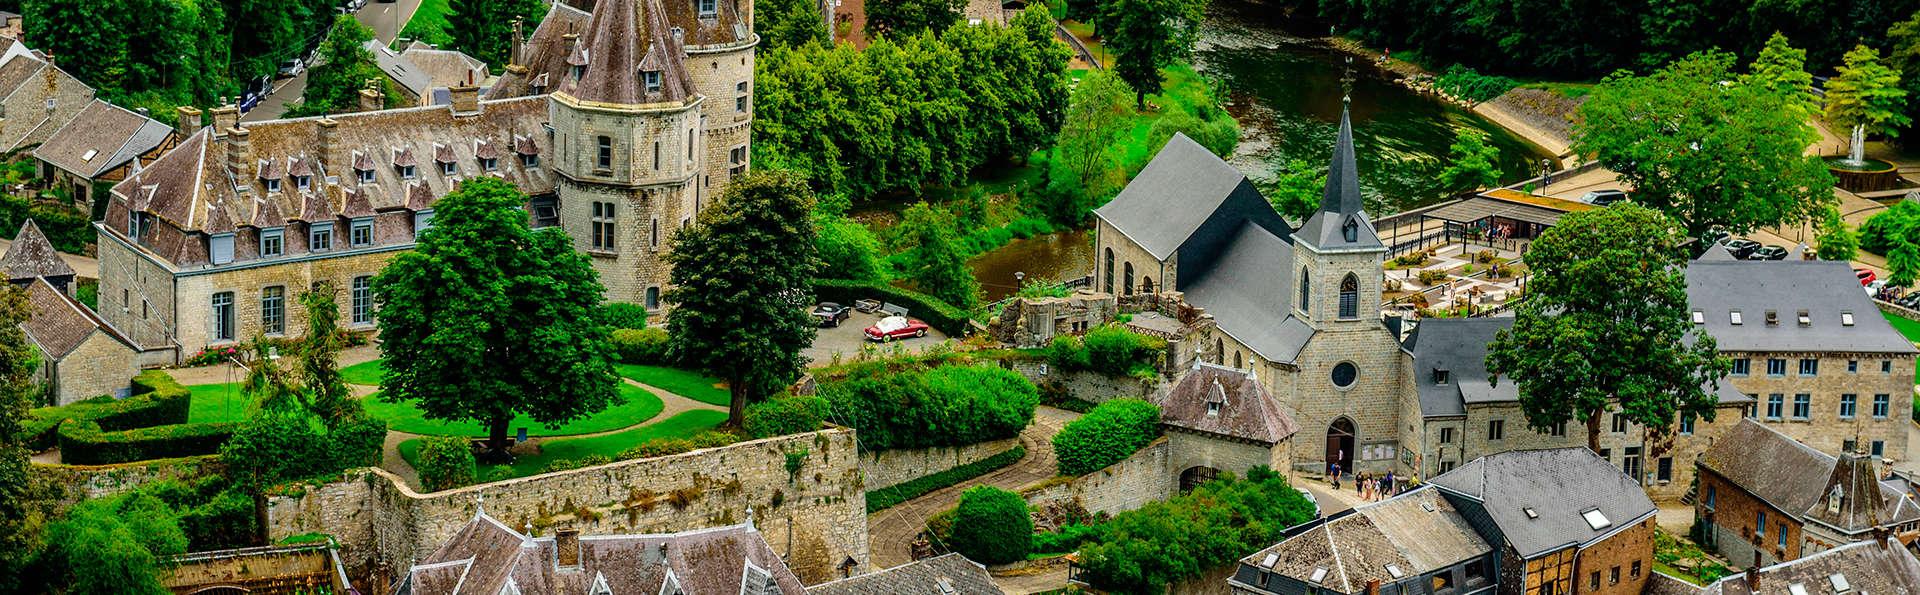 Azur en Ardenne - EDIT_durbuy.jpg